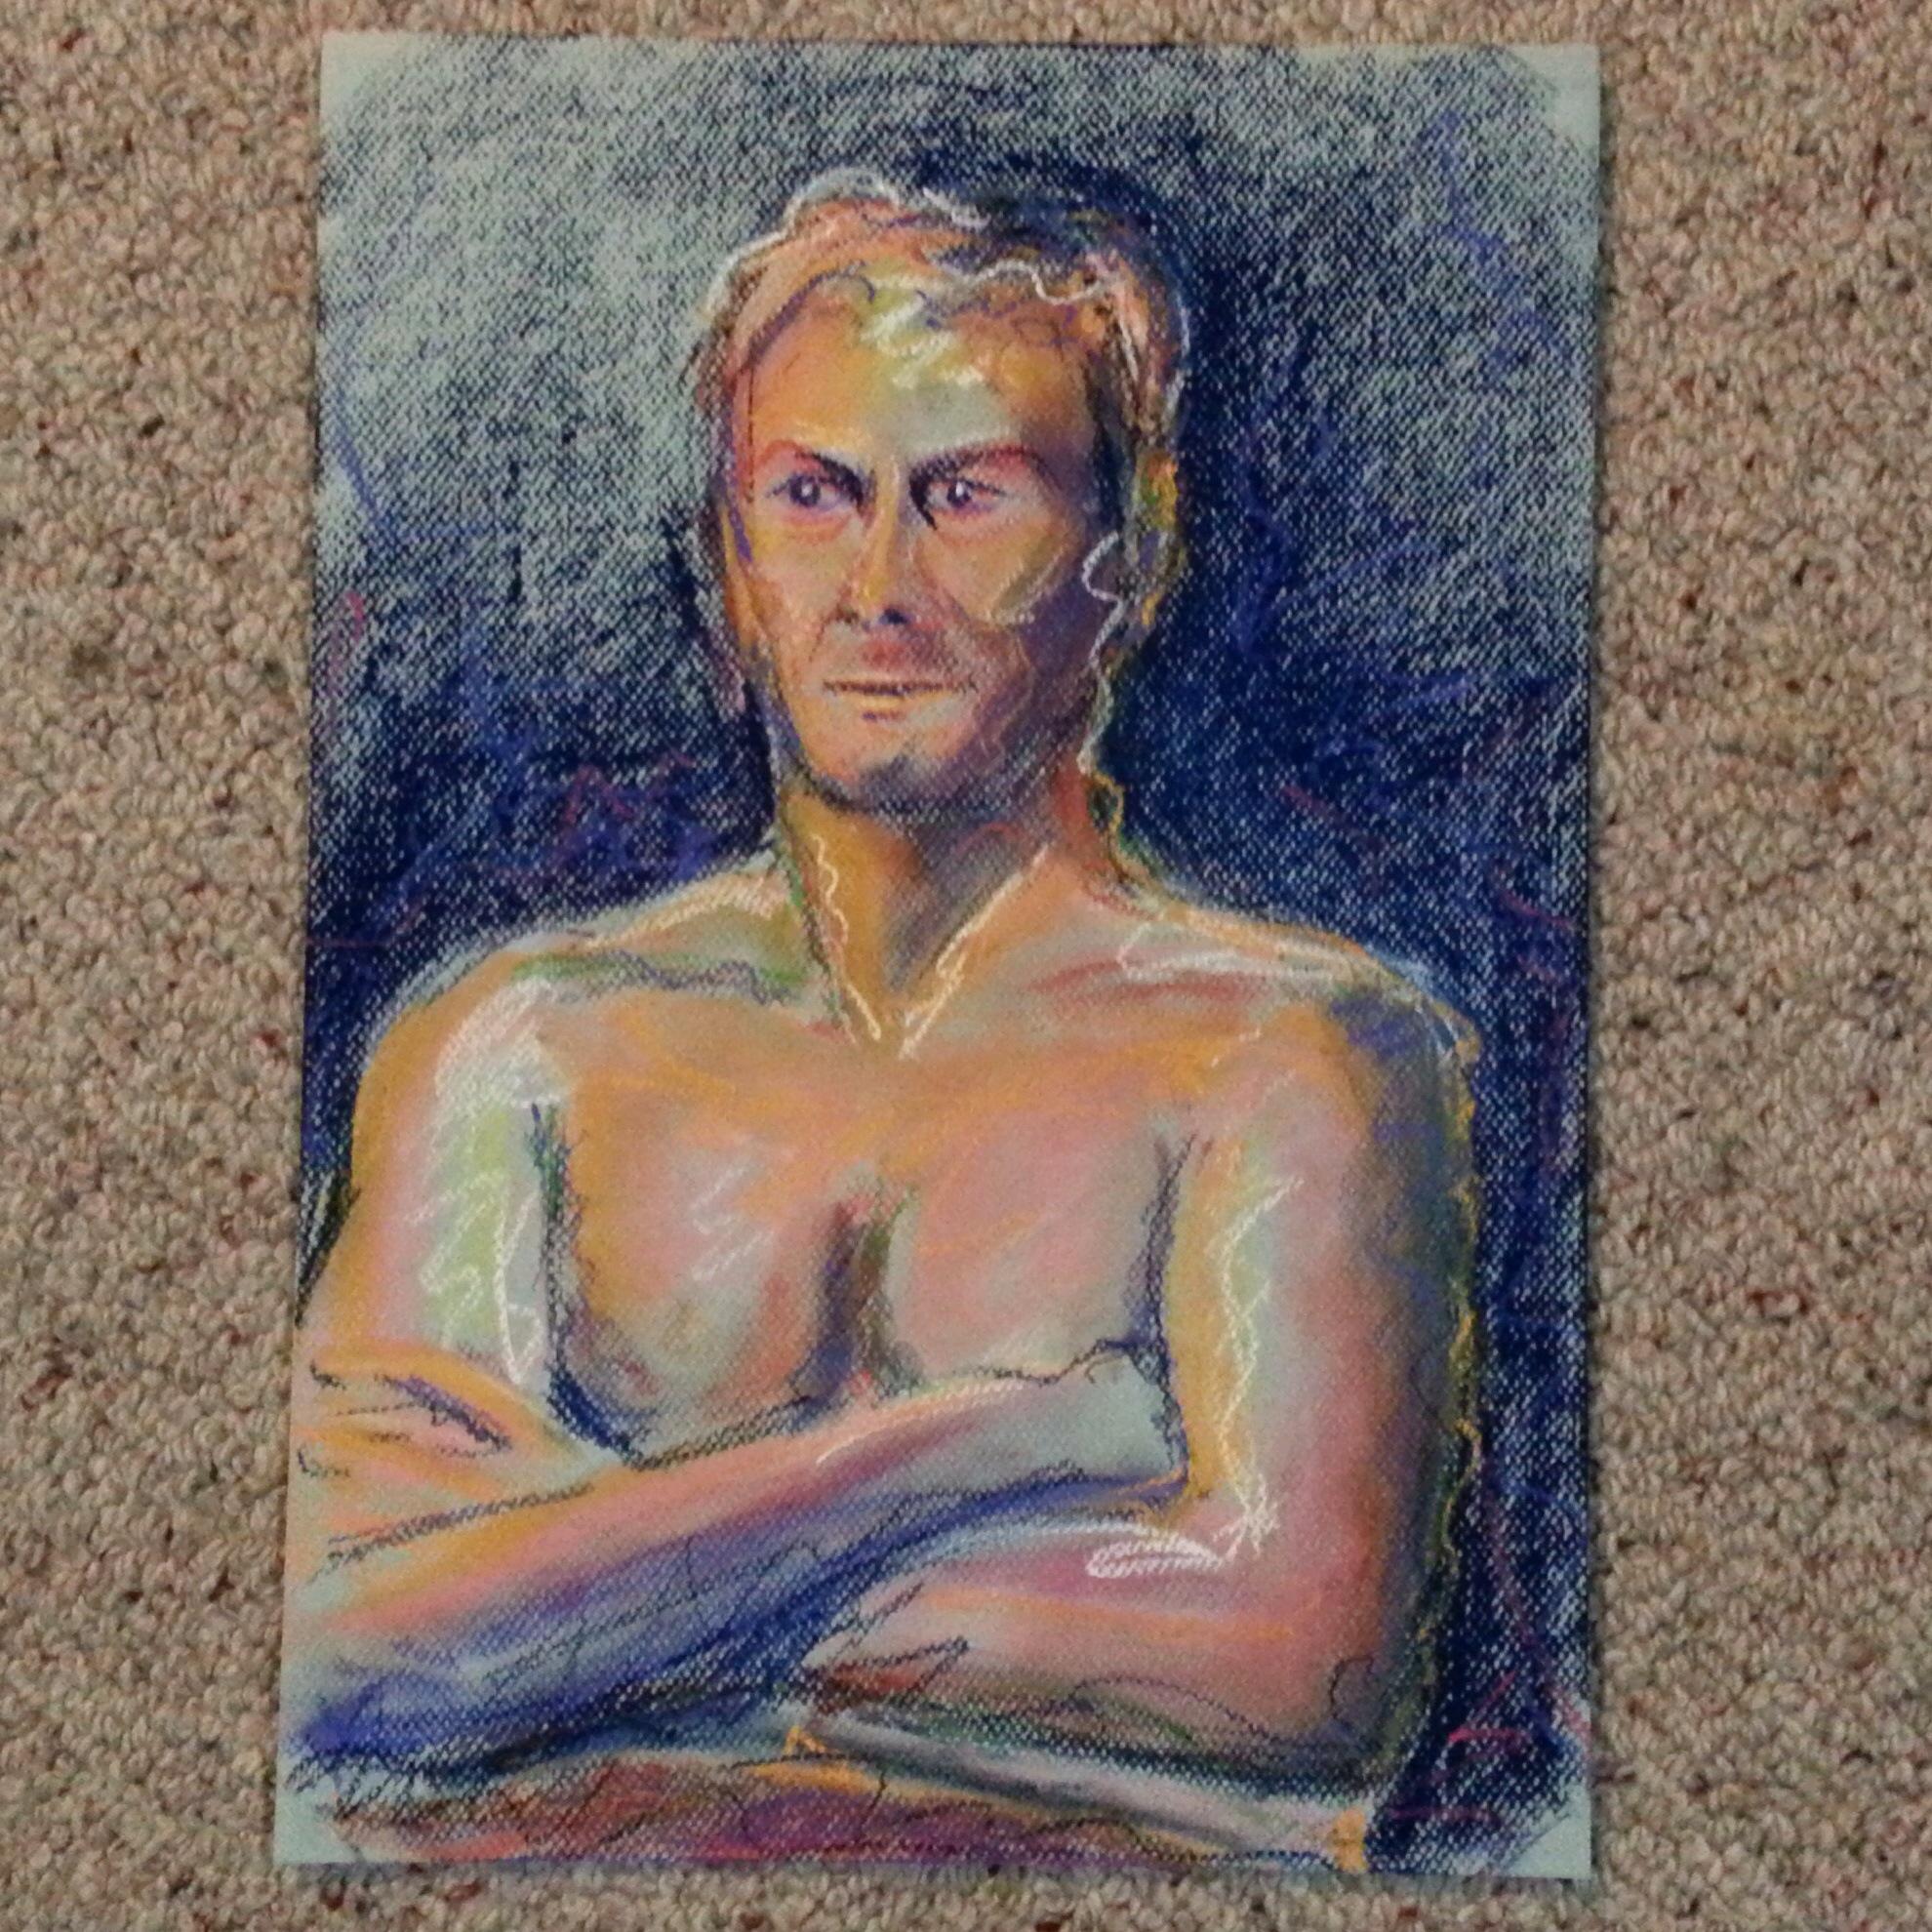 Man in pastel